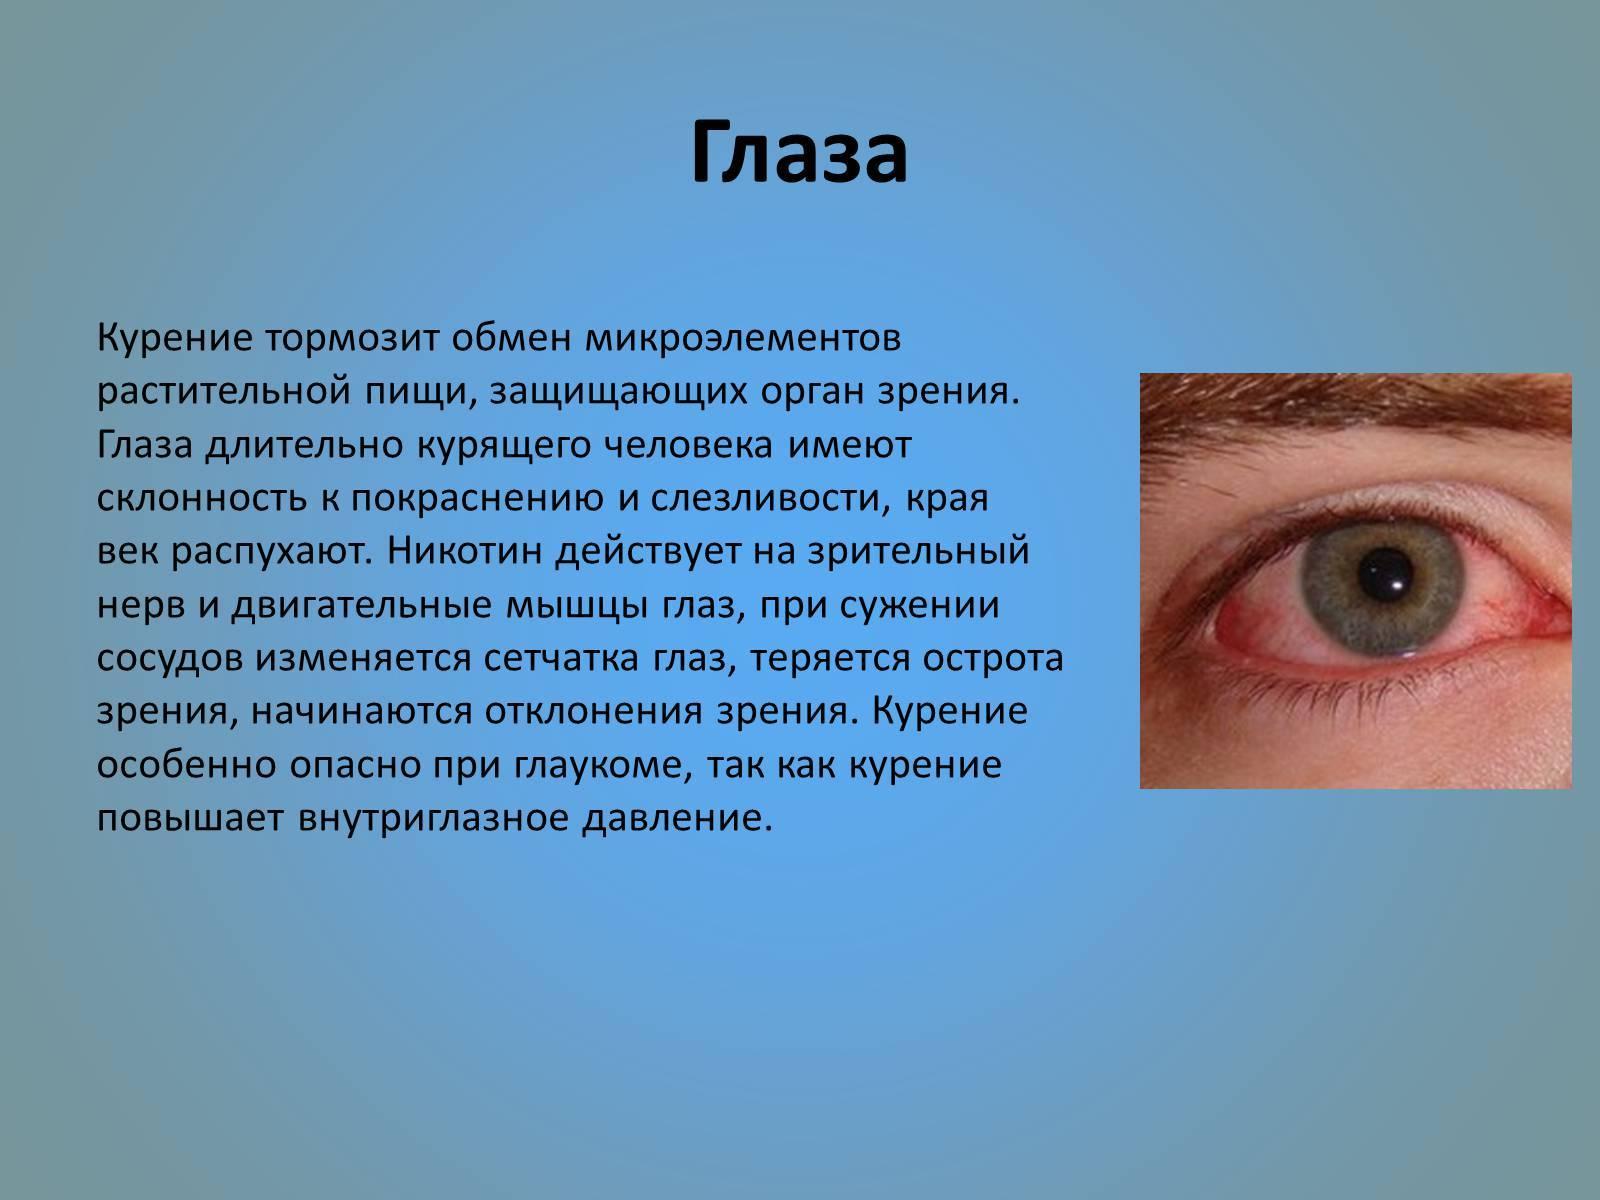 Курение и зрение: влияет ли сигарета на глаза человека, может ли ухудшиться зрения после того как бросил курить и что такое табачная амблиопия у курильщика? | elesto.ru